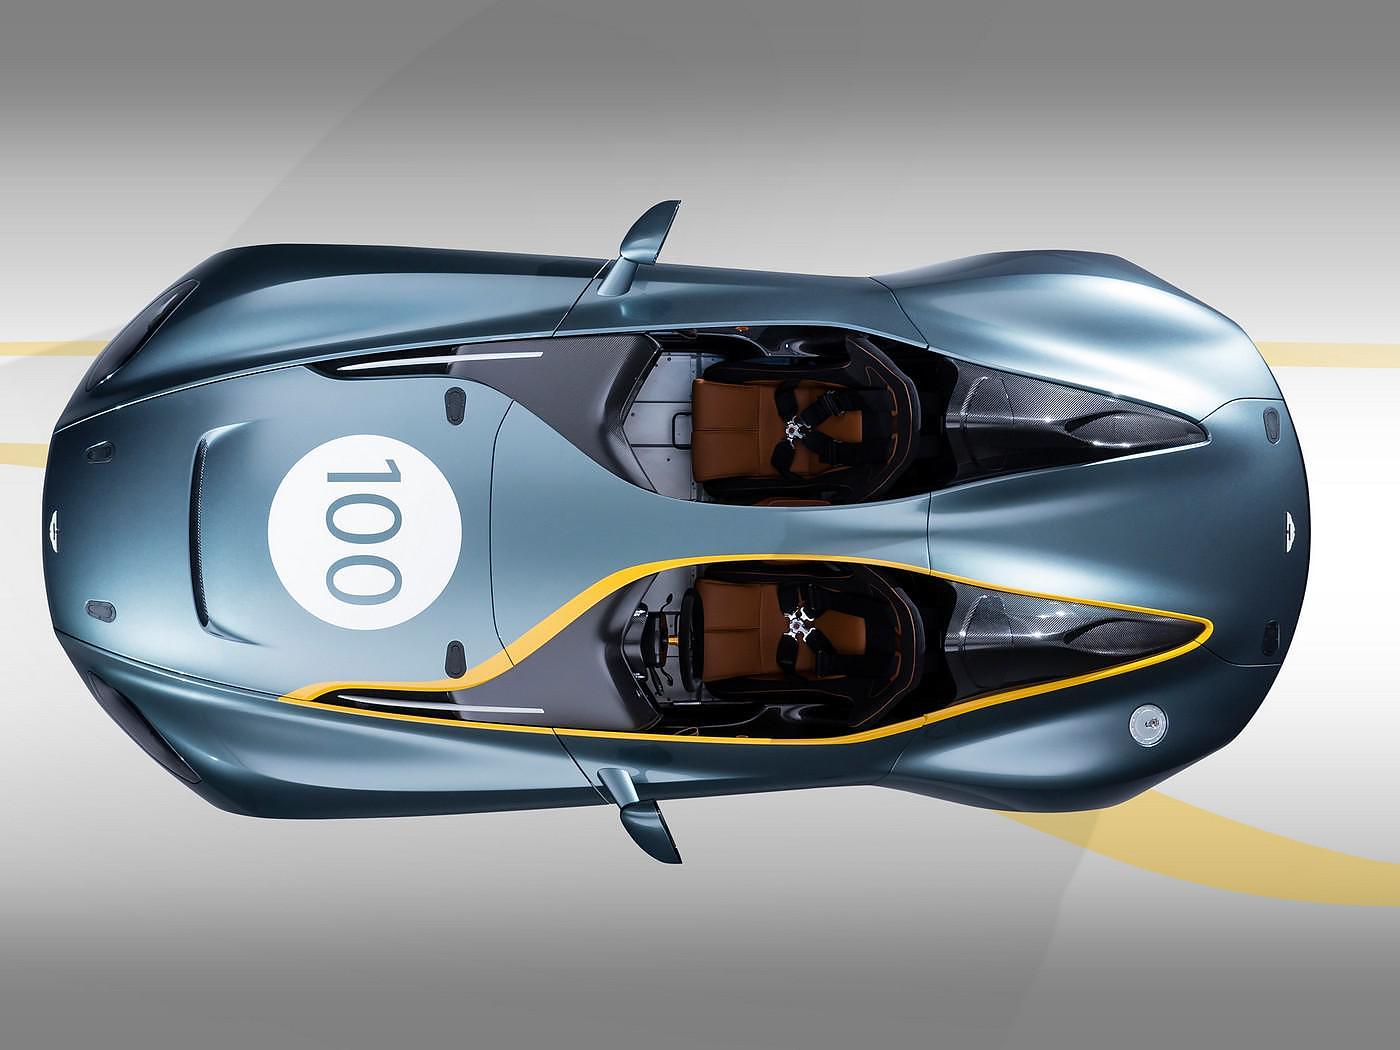 Aston Martin CC100 Speedster Concept Car.